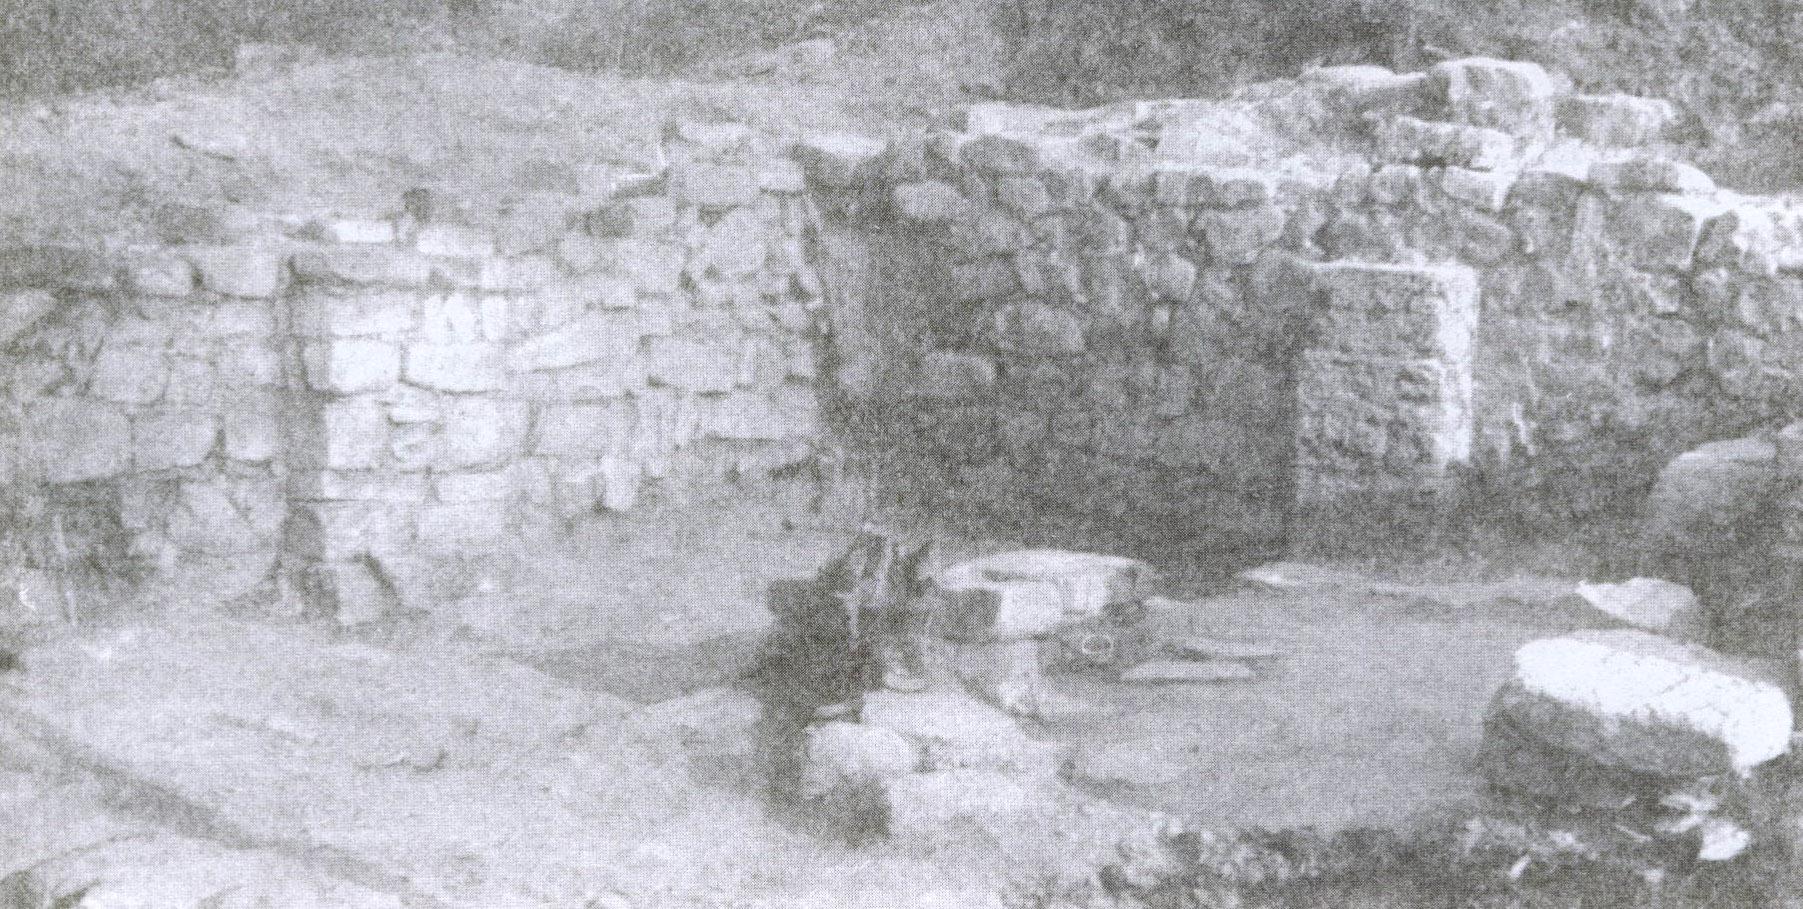 Рис. 4. Вид на западную и северозападную стены храма изнутри.